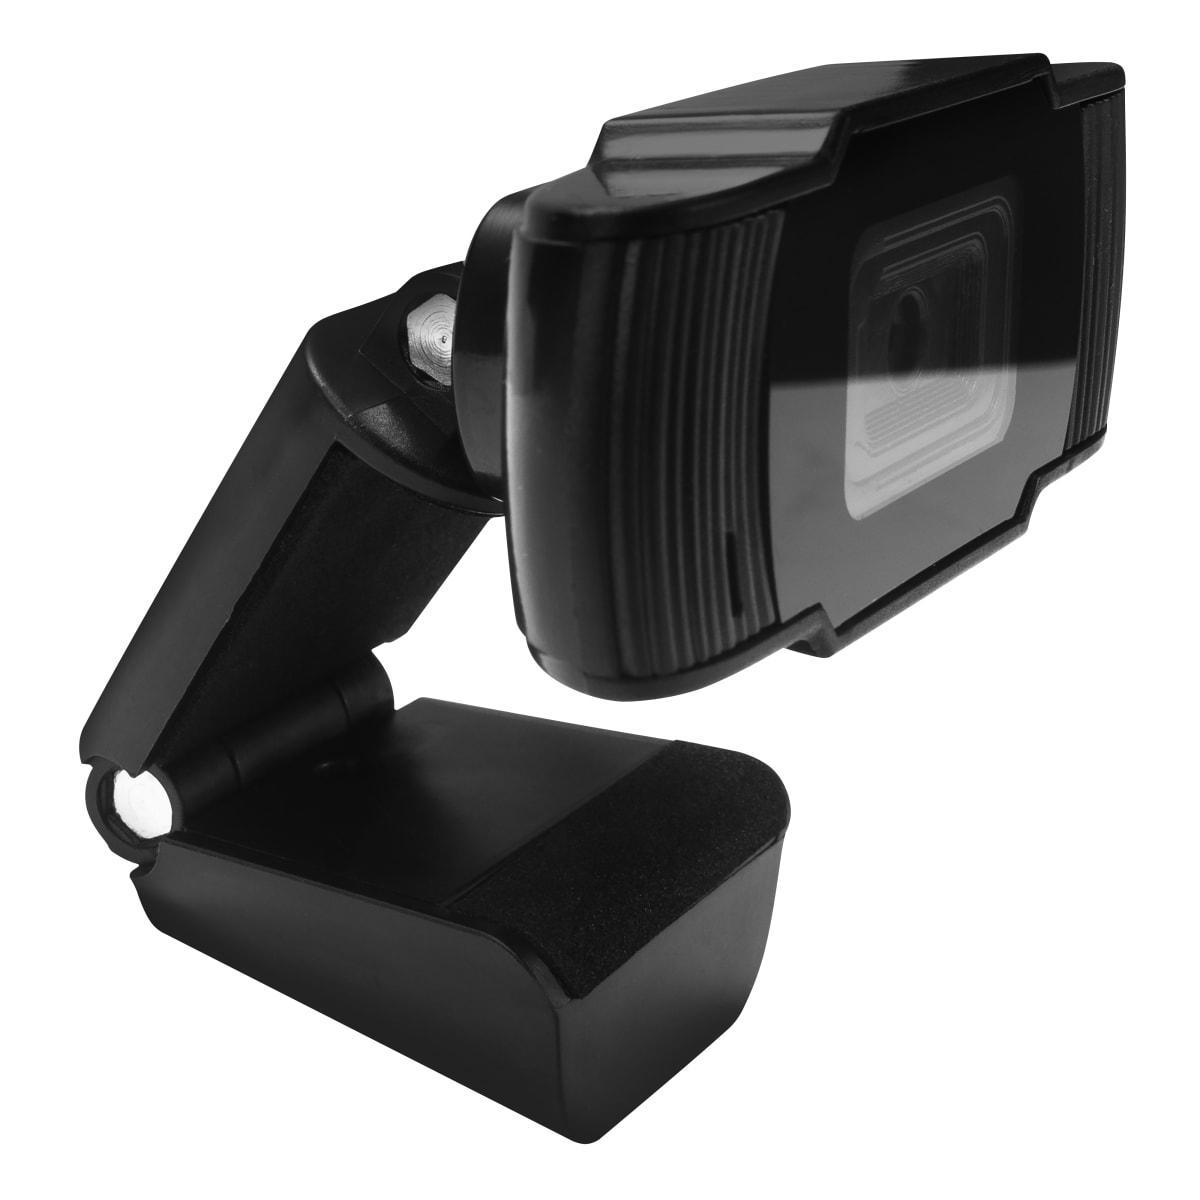 1080 P streamer webcam - INFLUENCE